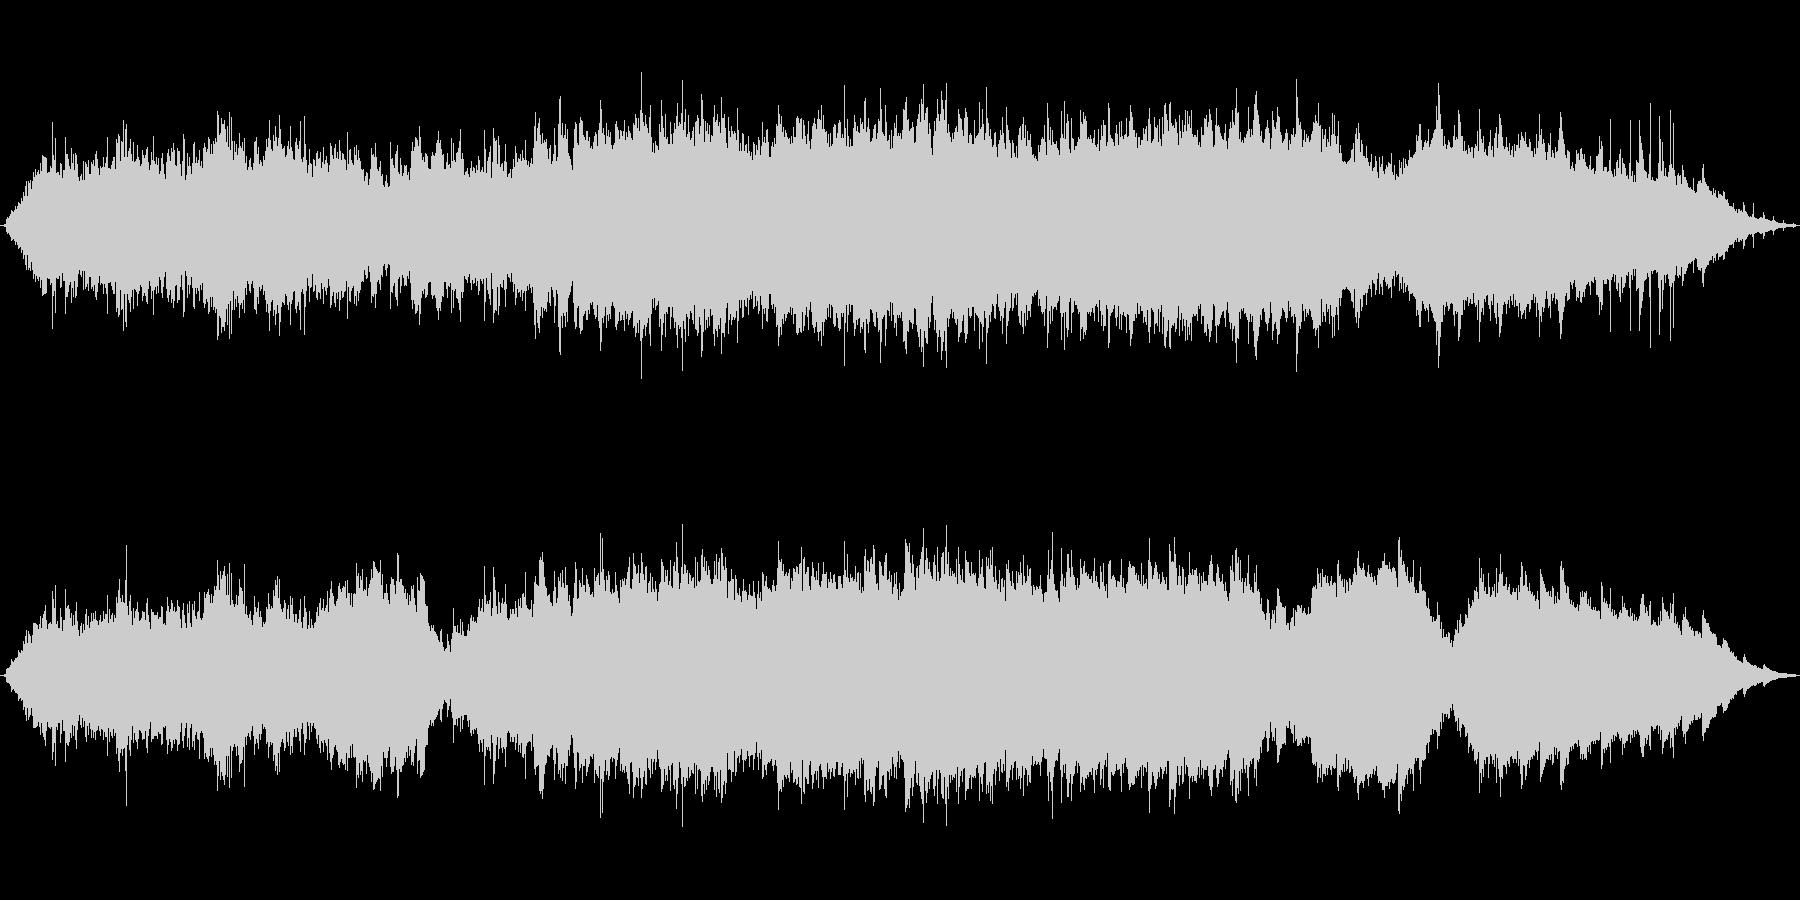 奇妙な音が沢山入った、ホーラ風の曲です。の未再生の波形